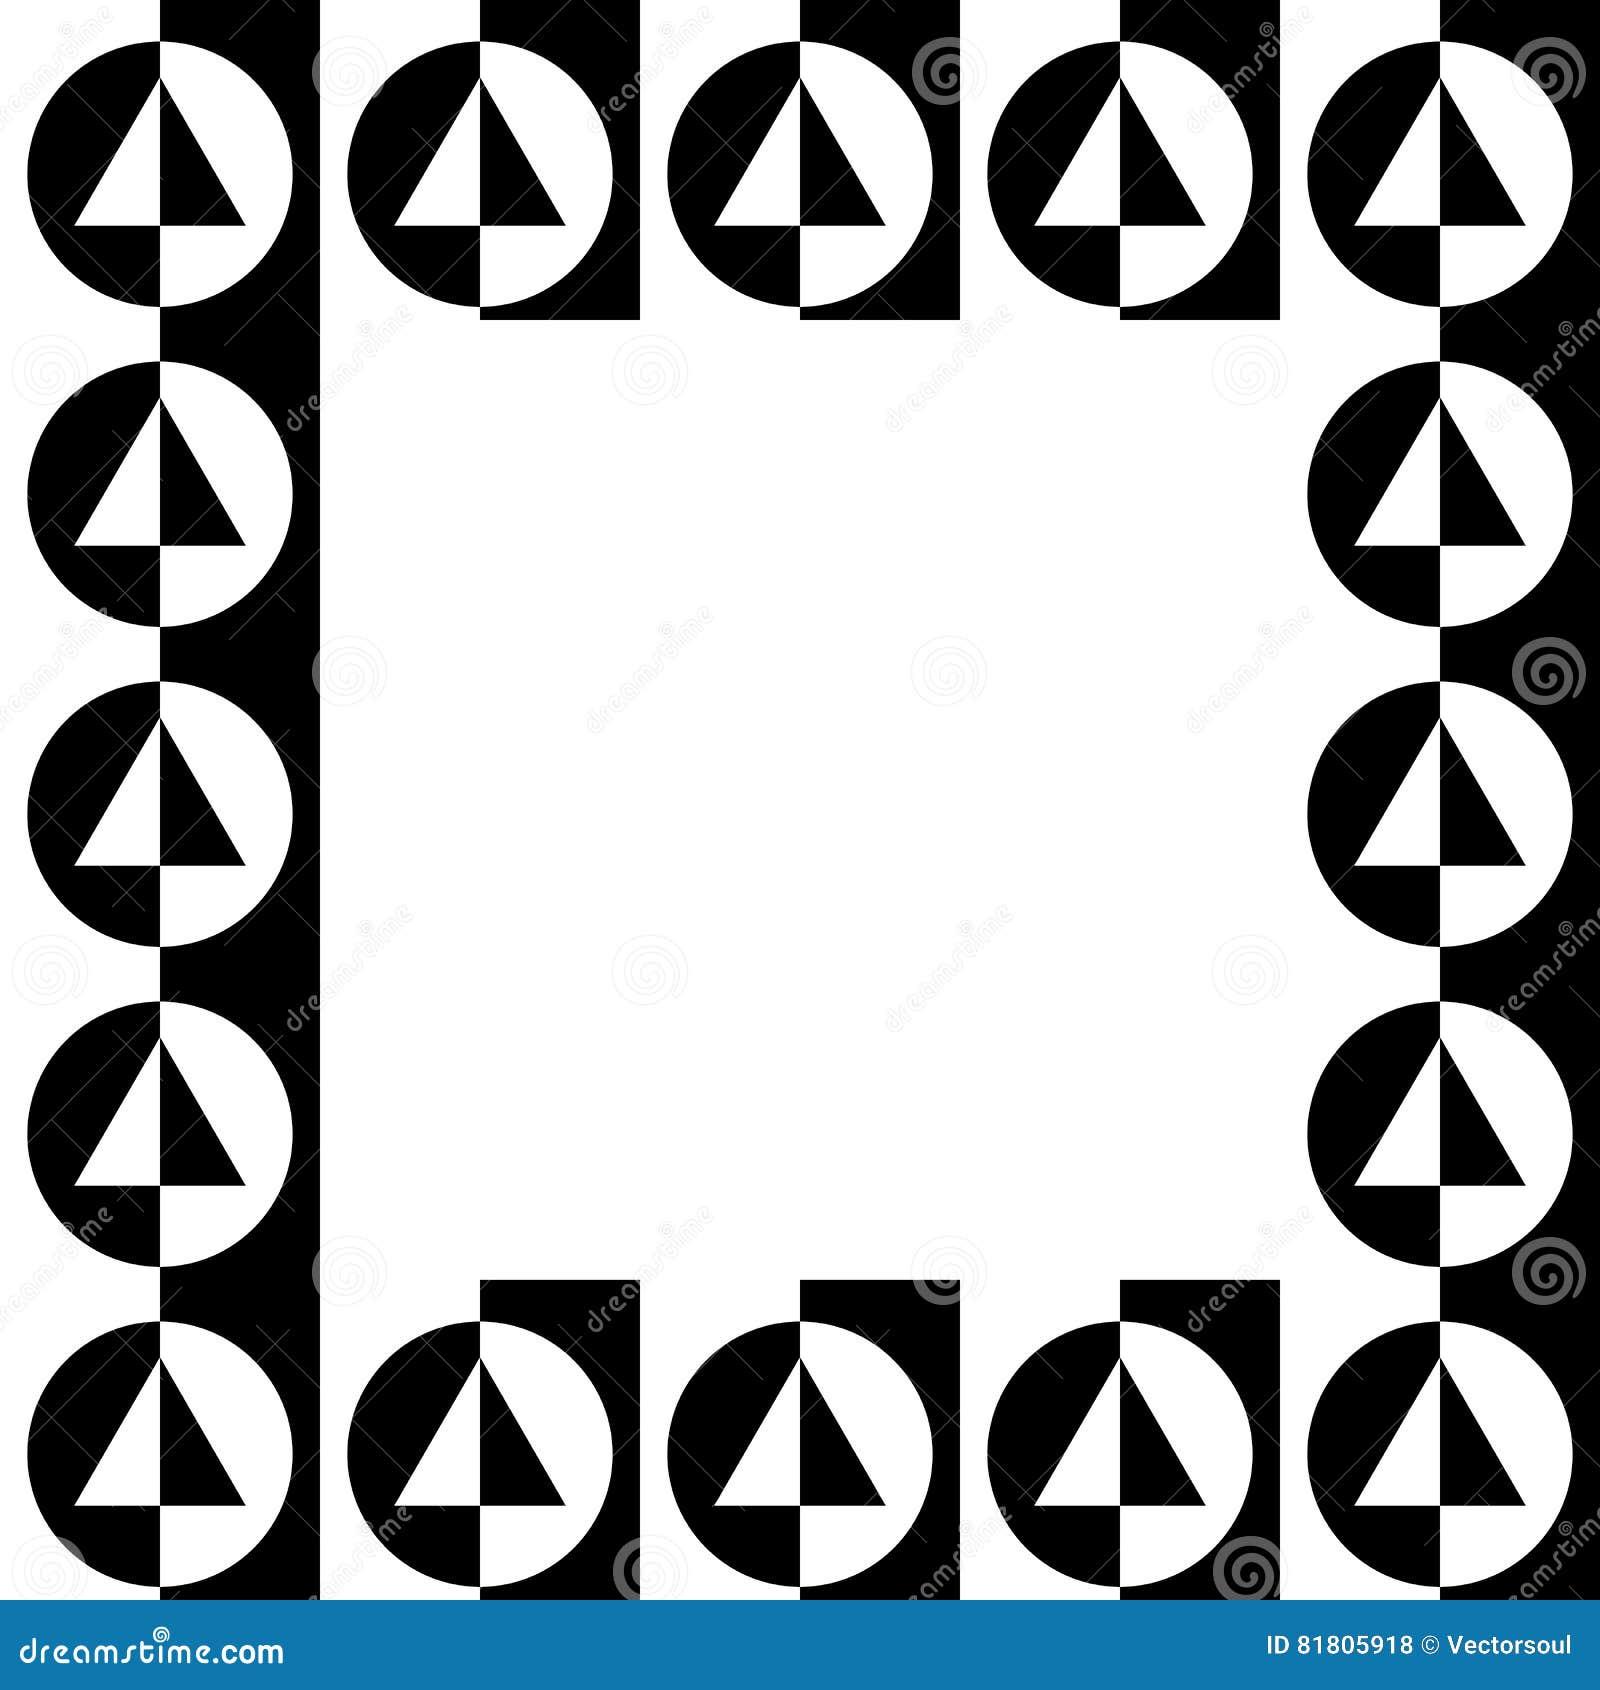 Γεωμετρική εικόνα, πλαίσιο φωτογραφιών με το σχήμα squarish